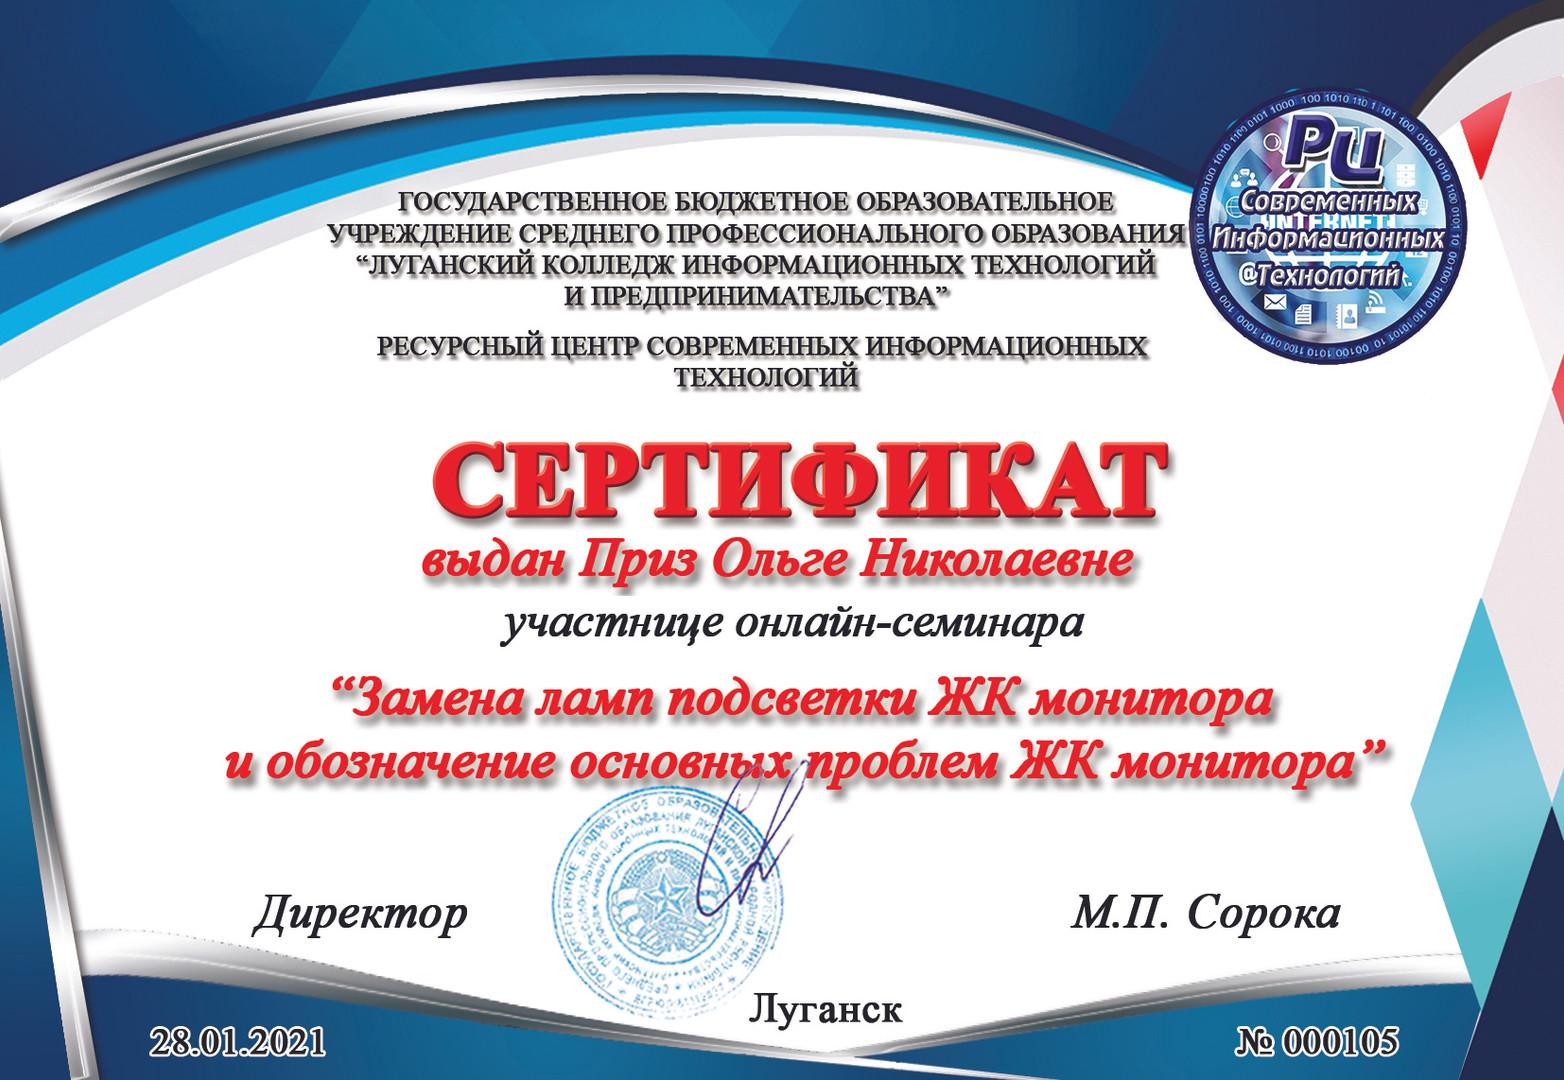 6. Приз Ольга Николаевна.jpg